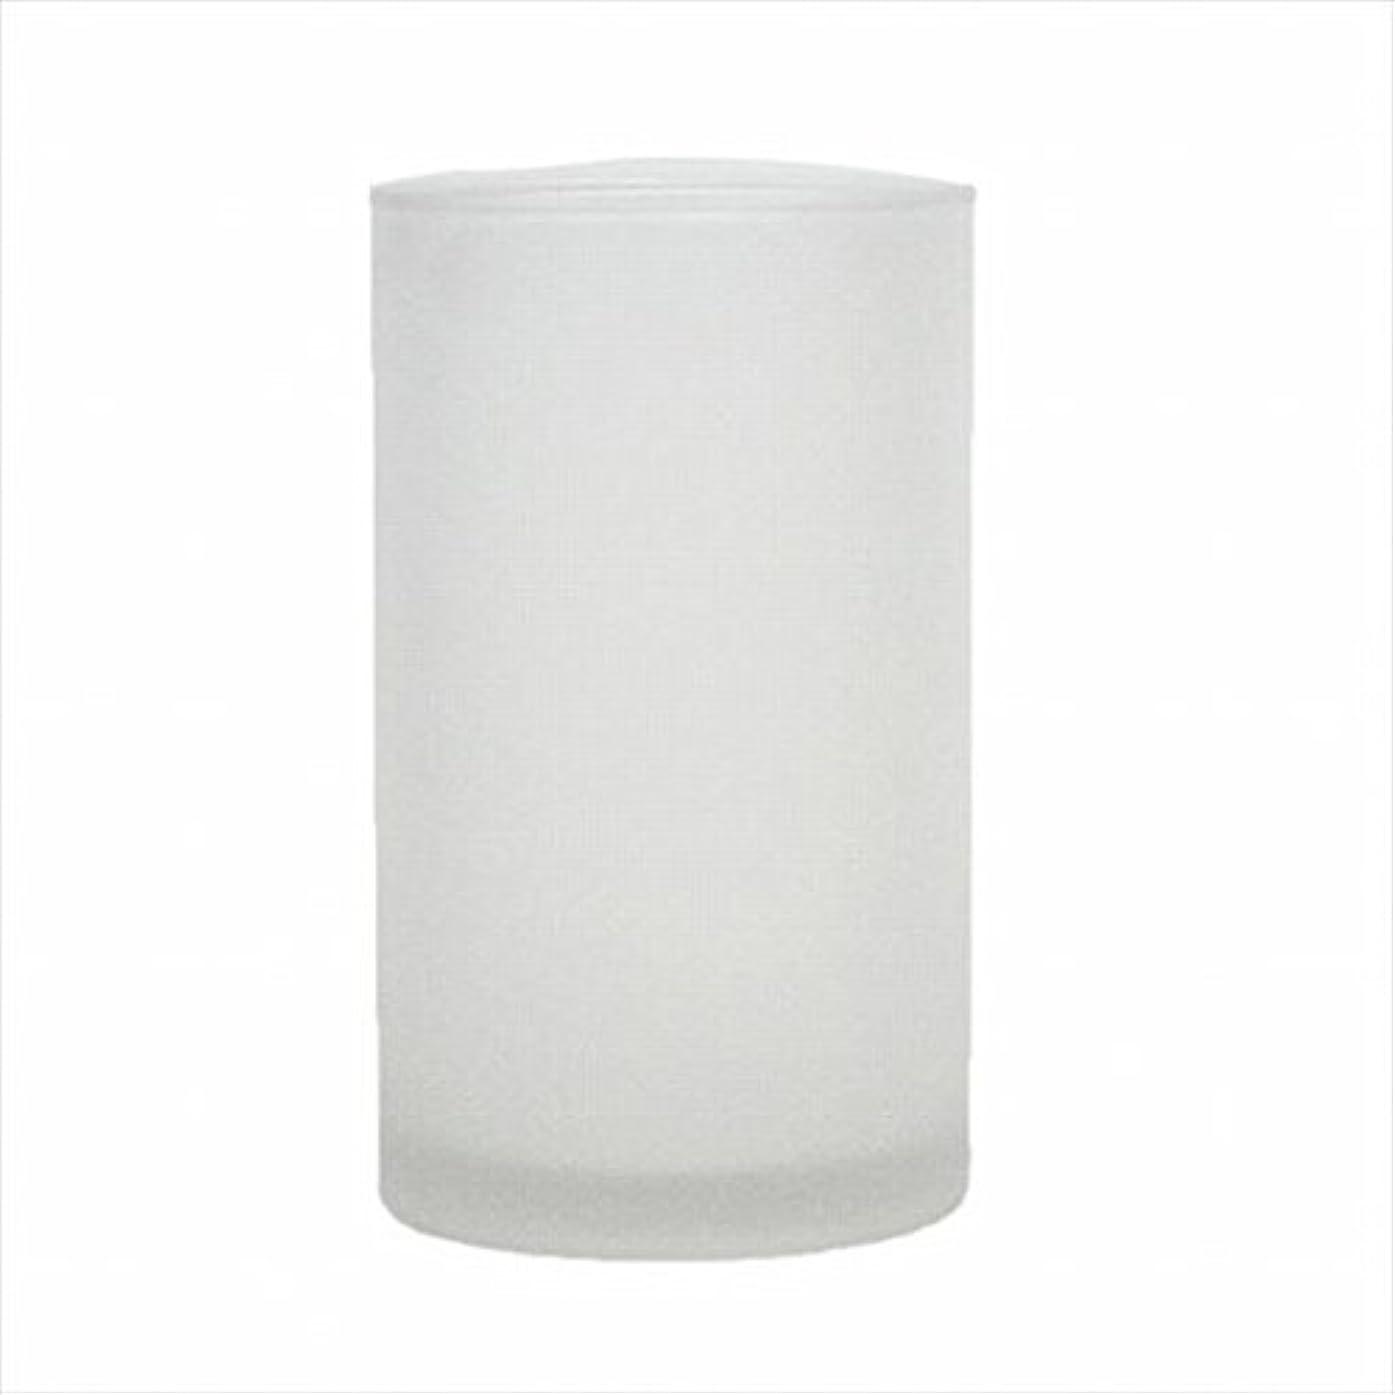 天井北無実カメヤマキャンドル(kameyama candle) モルカグラスSフロスト